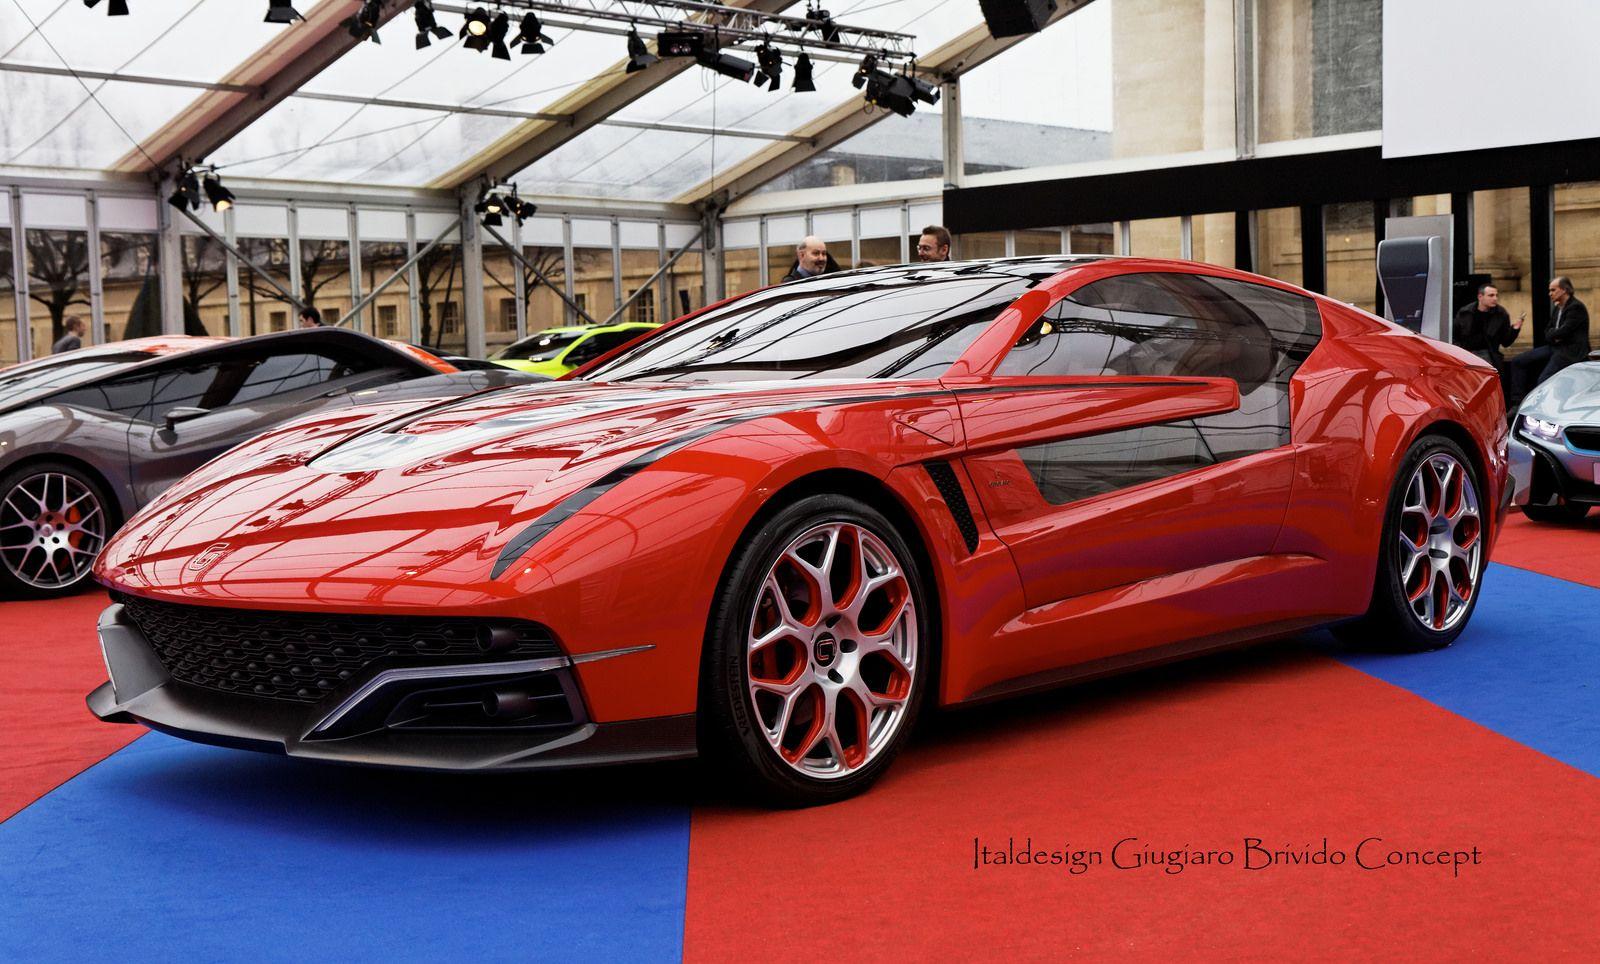 2013 Italdesign Giugiaro Brivido Concept | por 1GrandPooBah